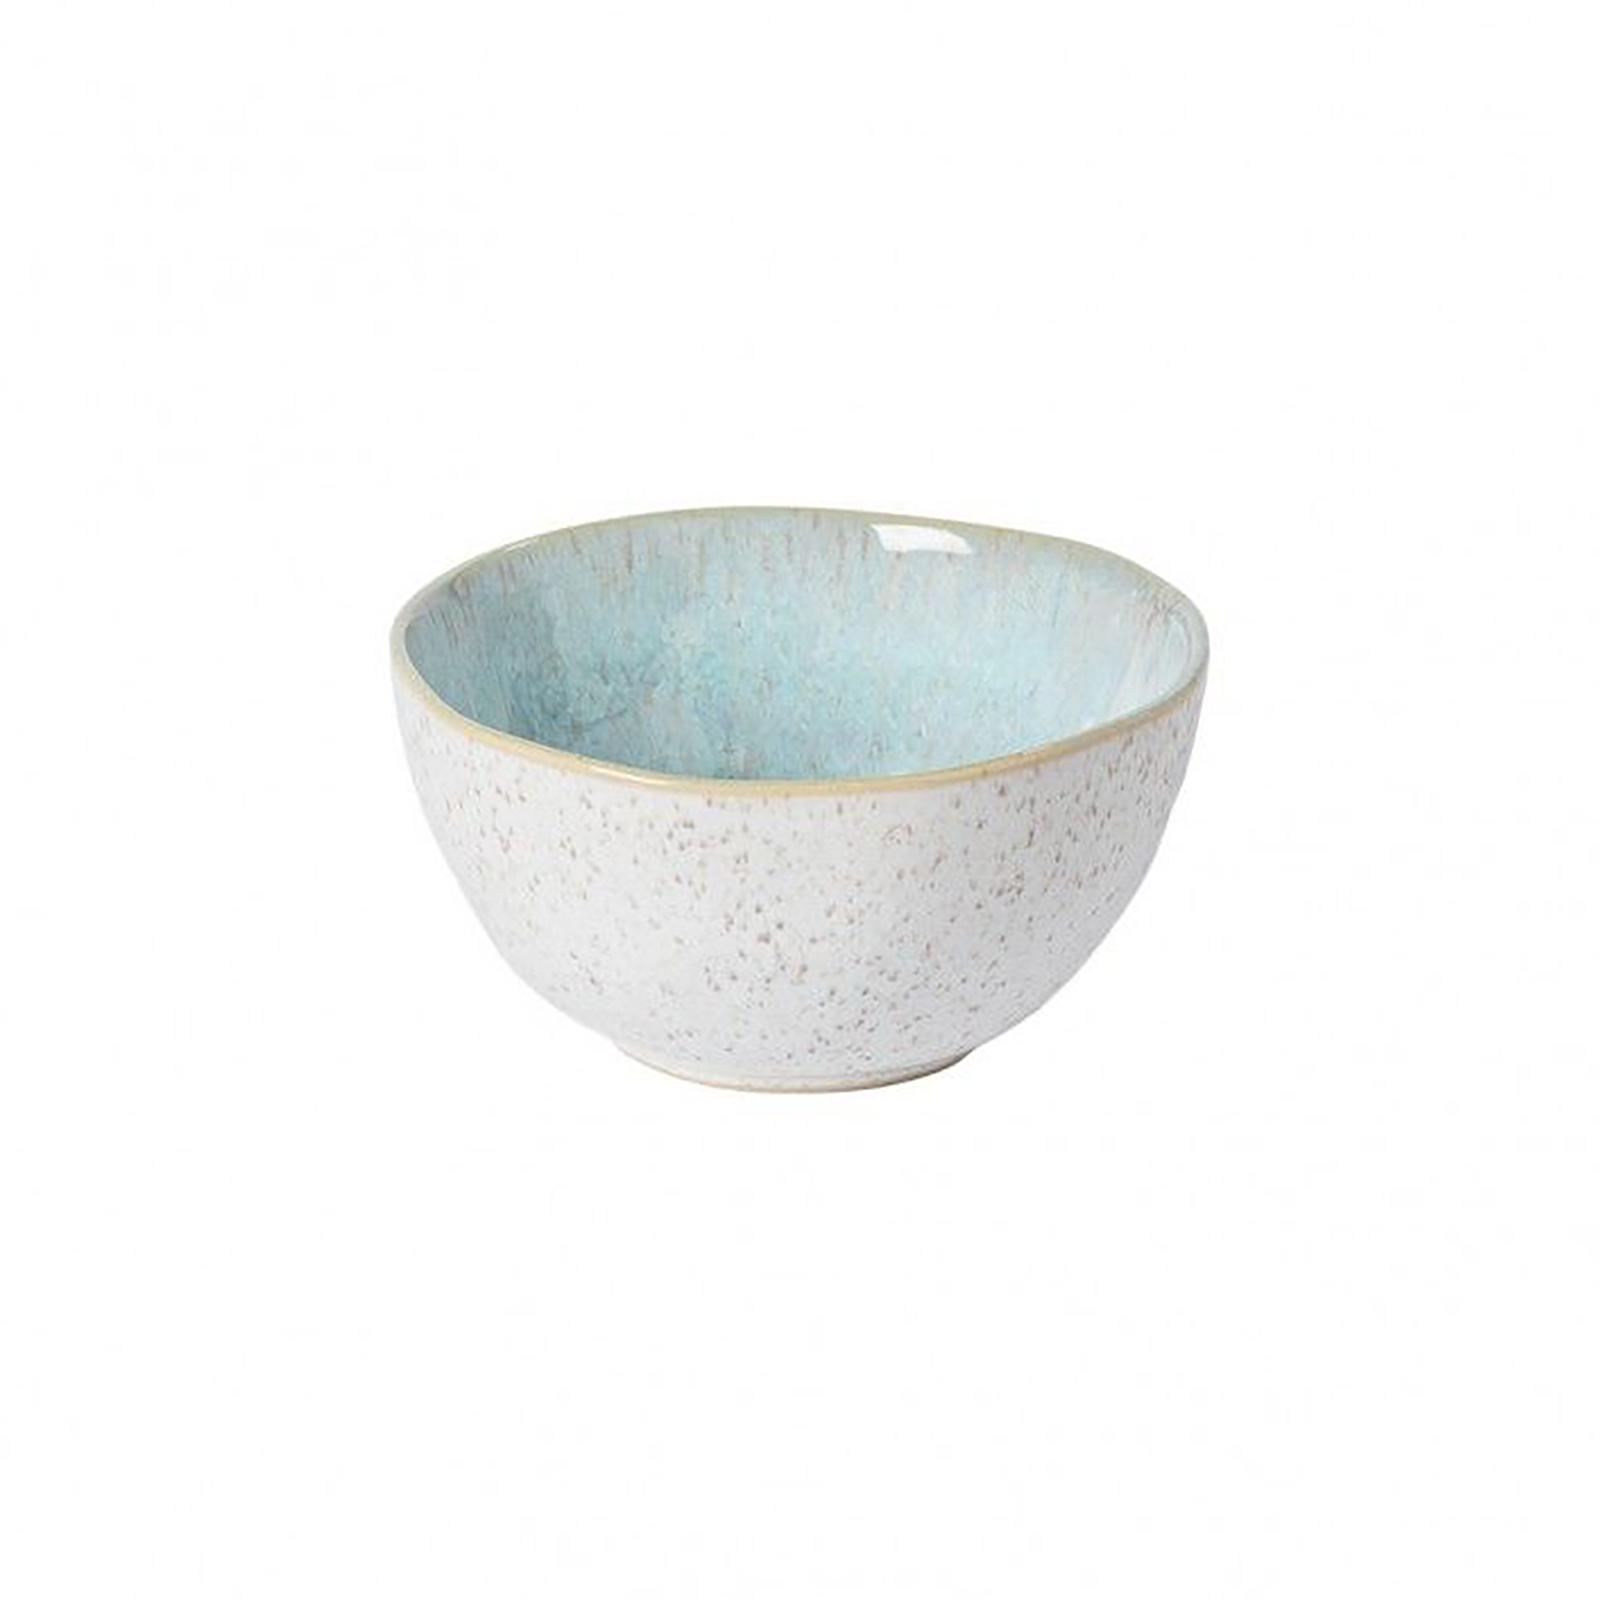 Casafina Eivissa kleine Schale, innen meerblau, außen beige, gesprenkelt, D 13cm, 0,35L